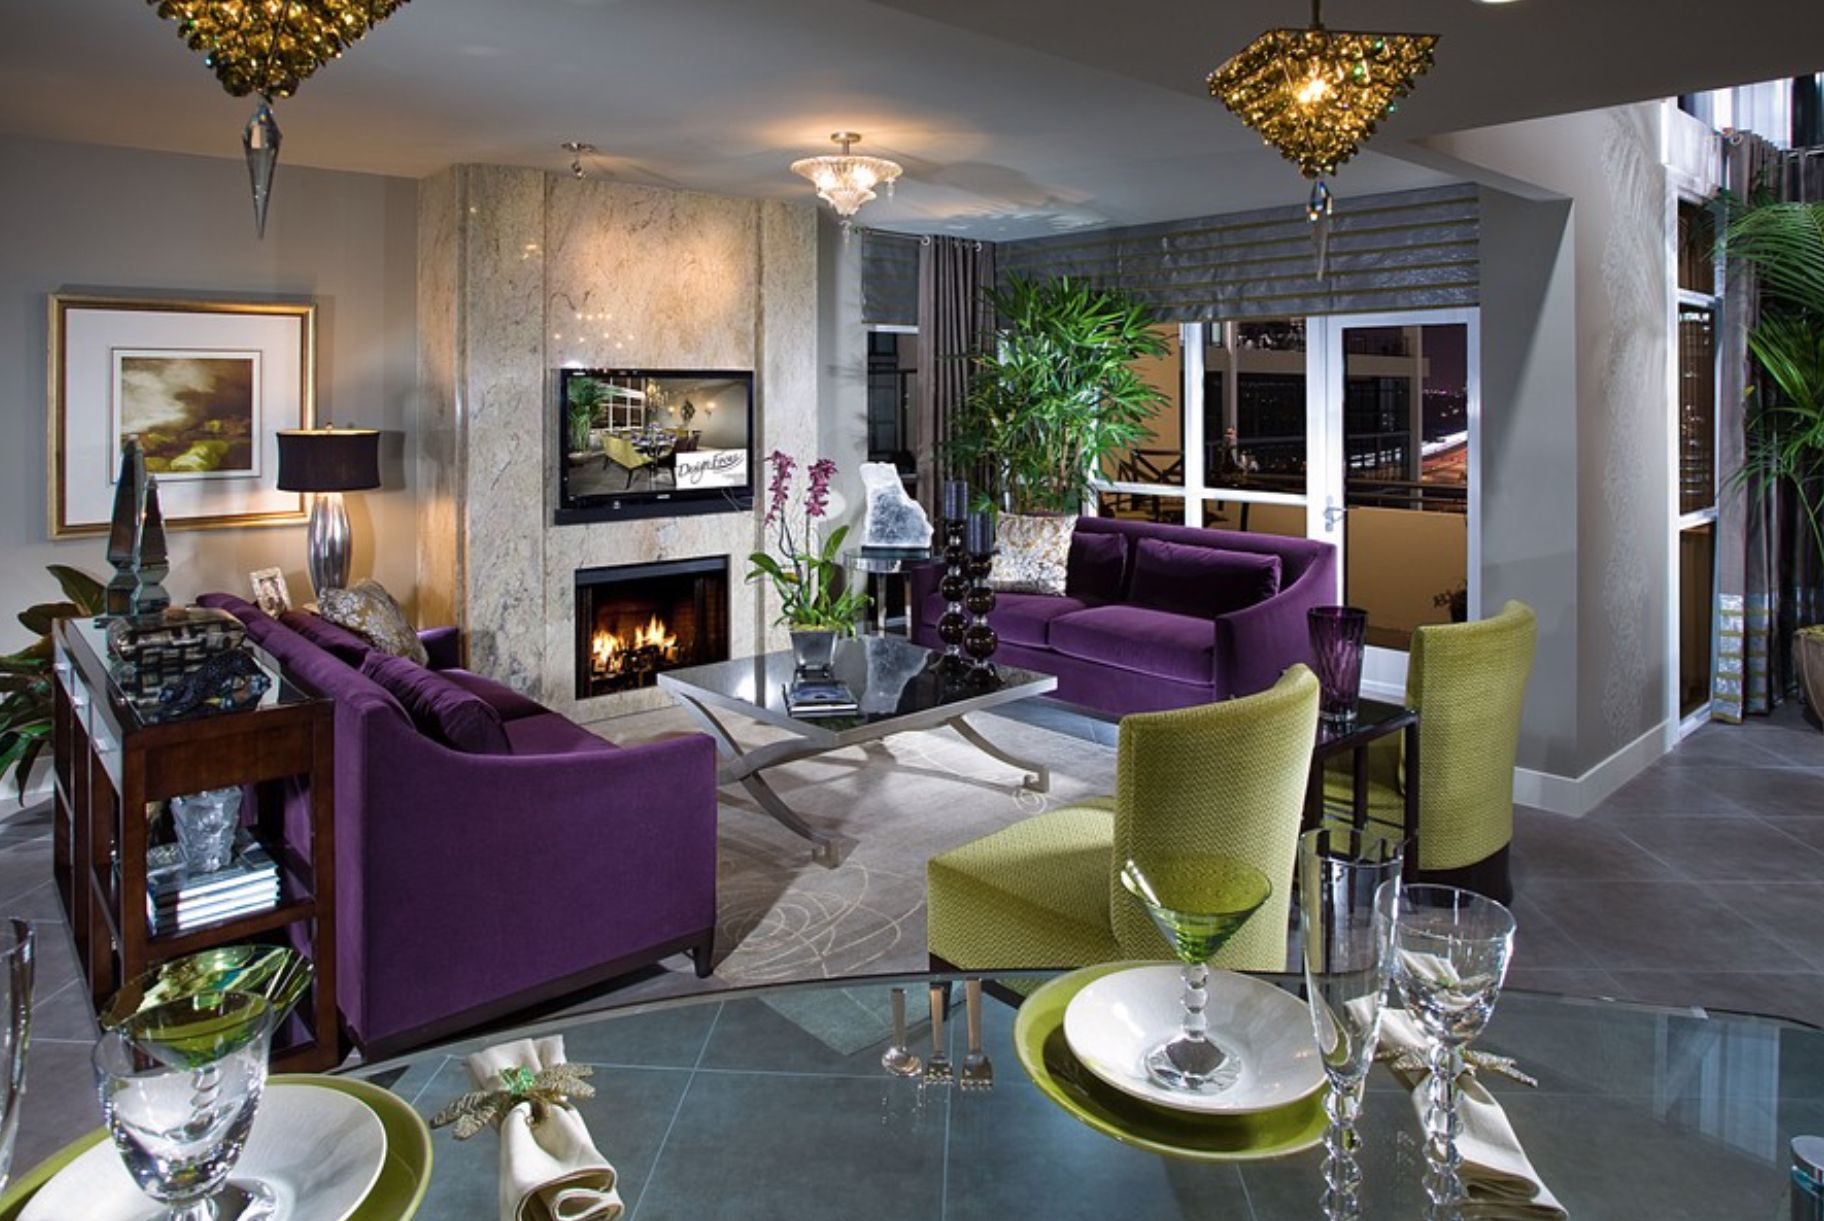 purple velvet sofas green chairs glamor luxury living room